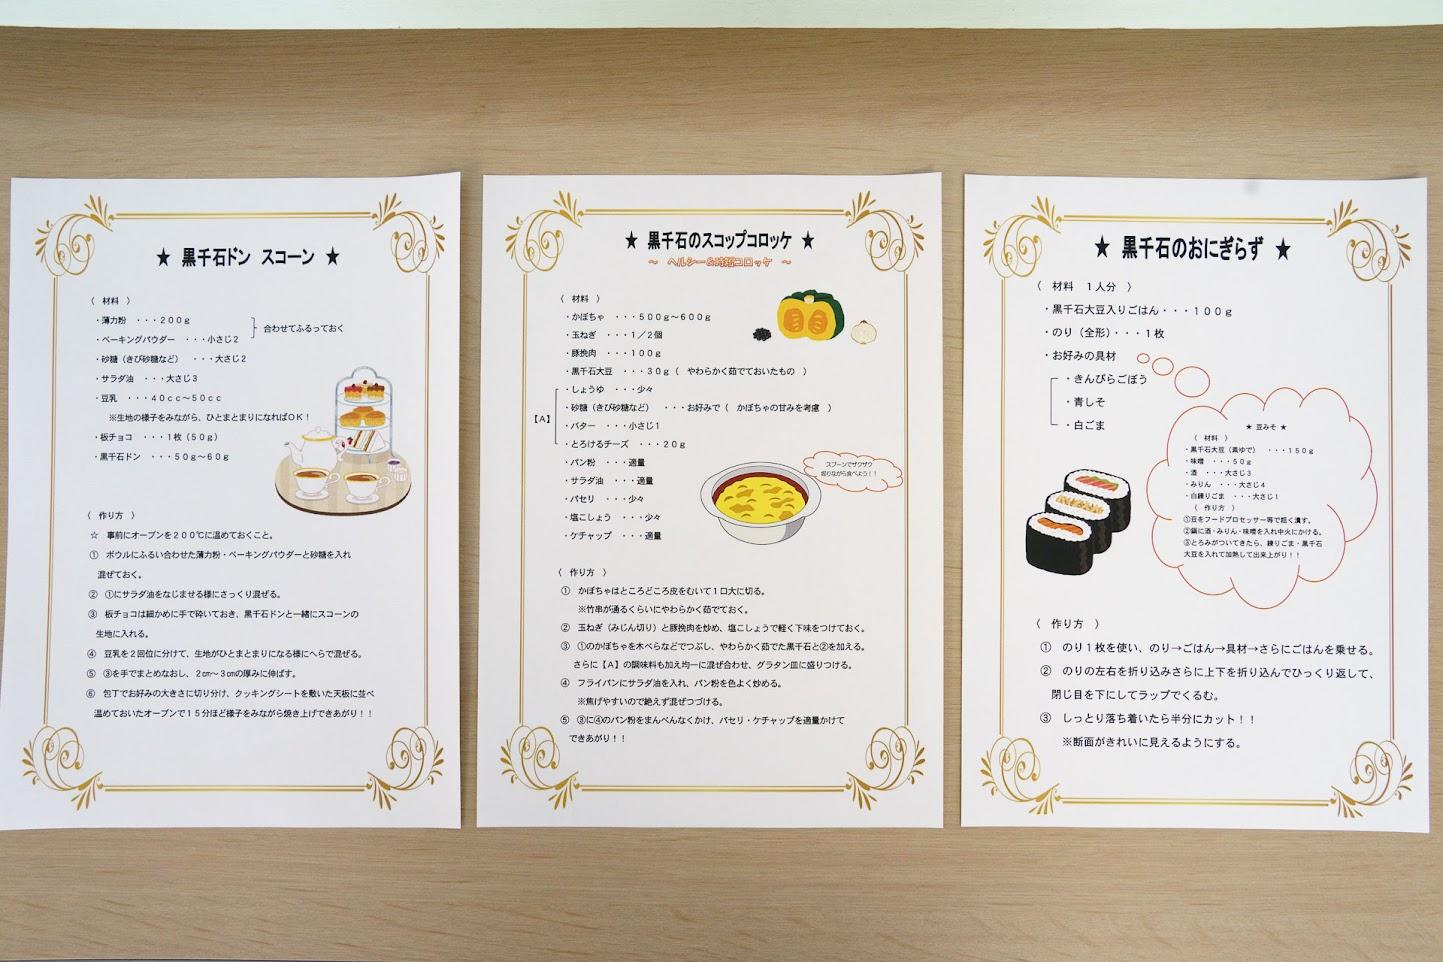 第2回のクッキング教室レシピ